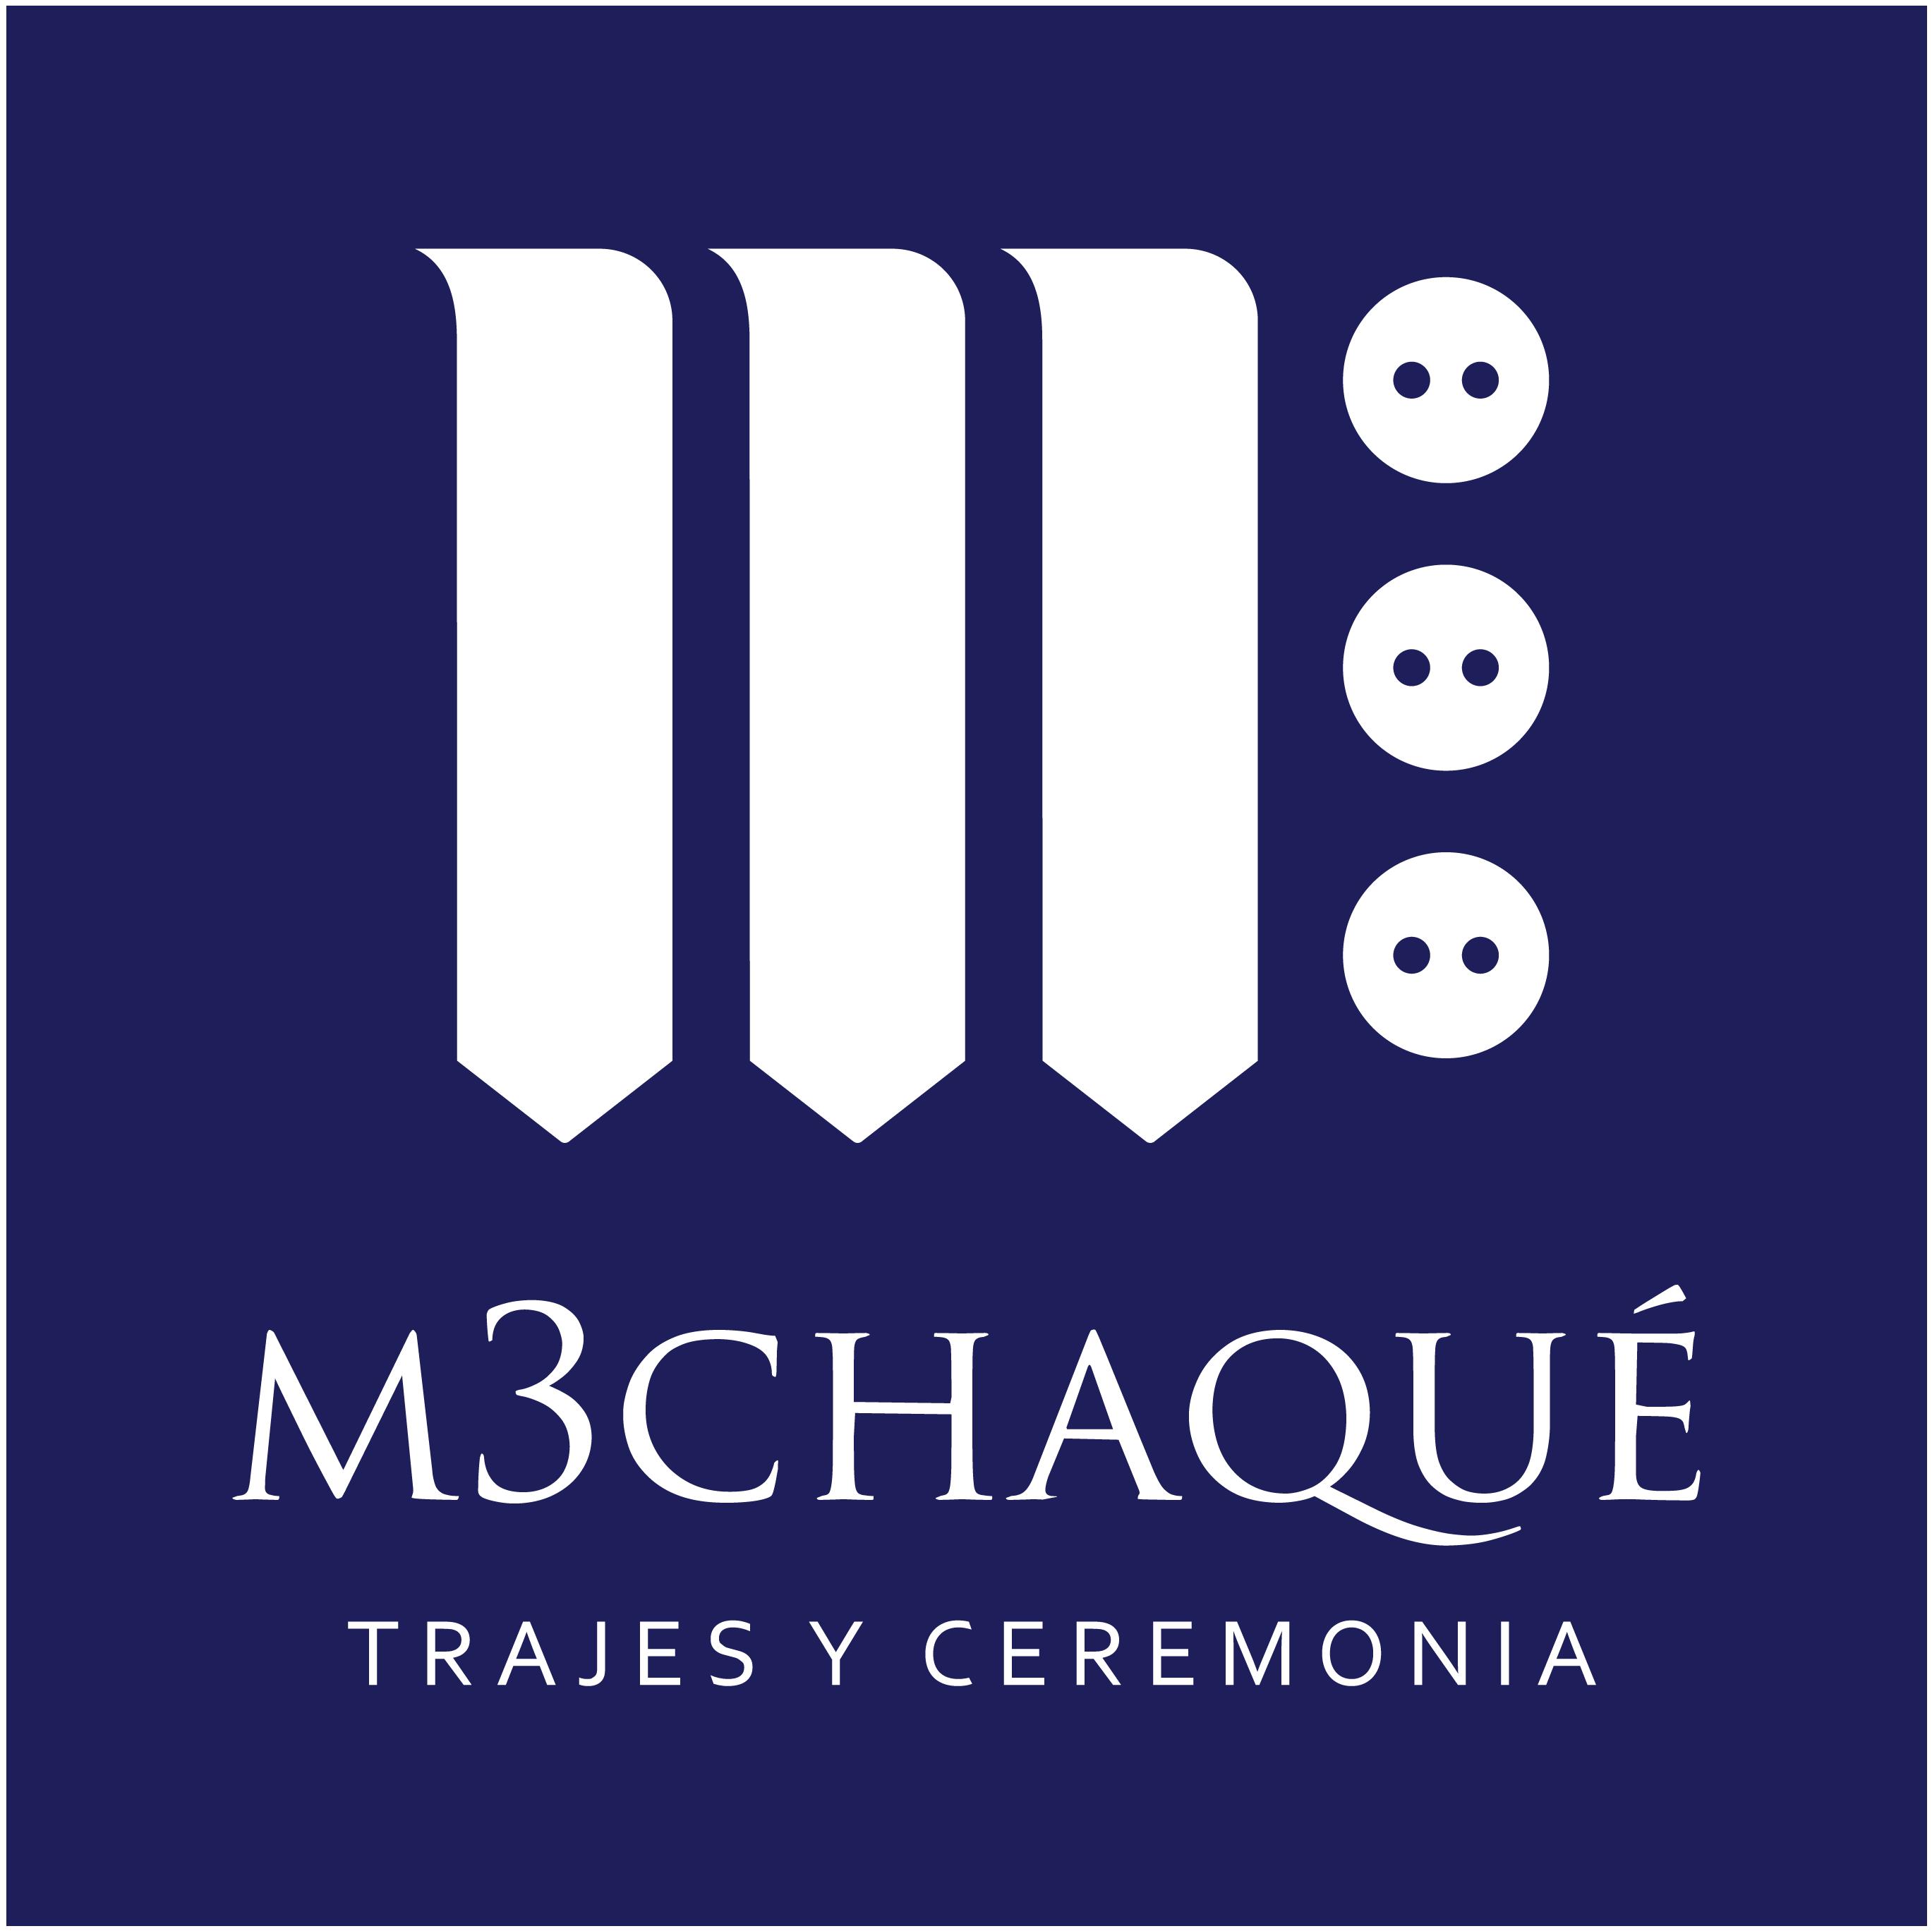 Alquiler de Chaqués en Madrid – Trajes y Ceremonias | M3Chaqué